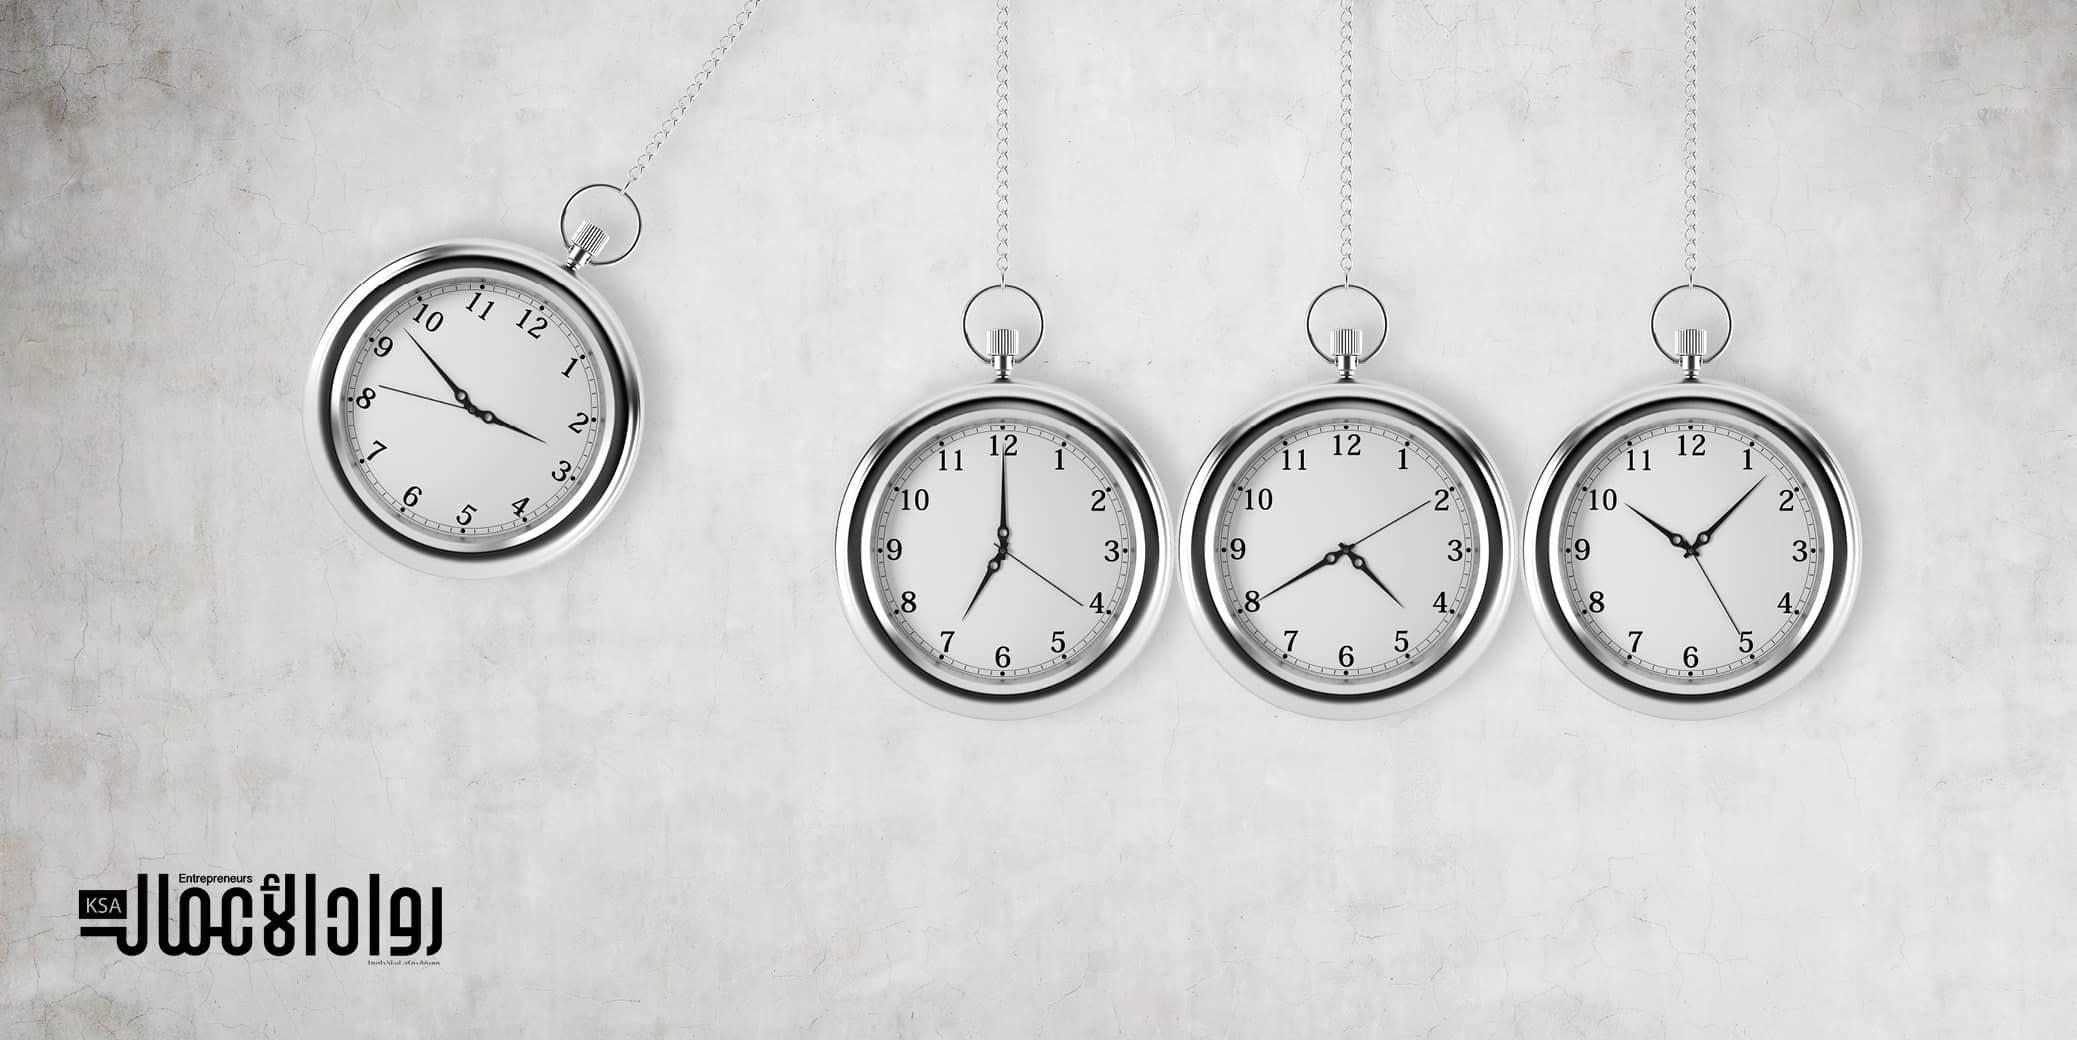 نصائح لتنظيم الوقت